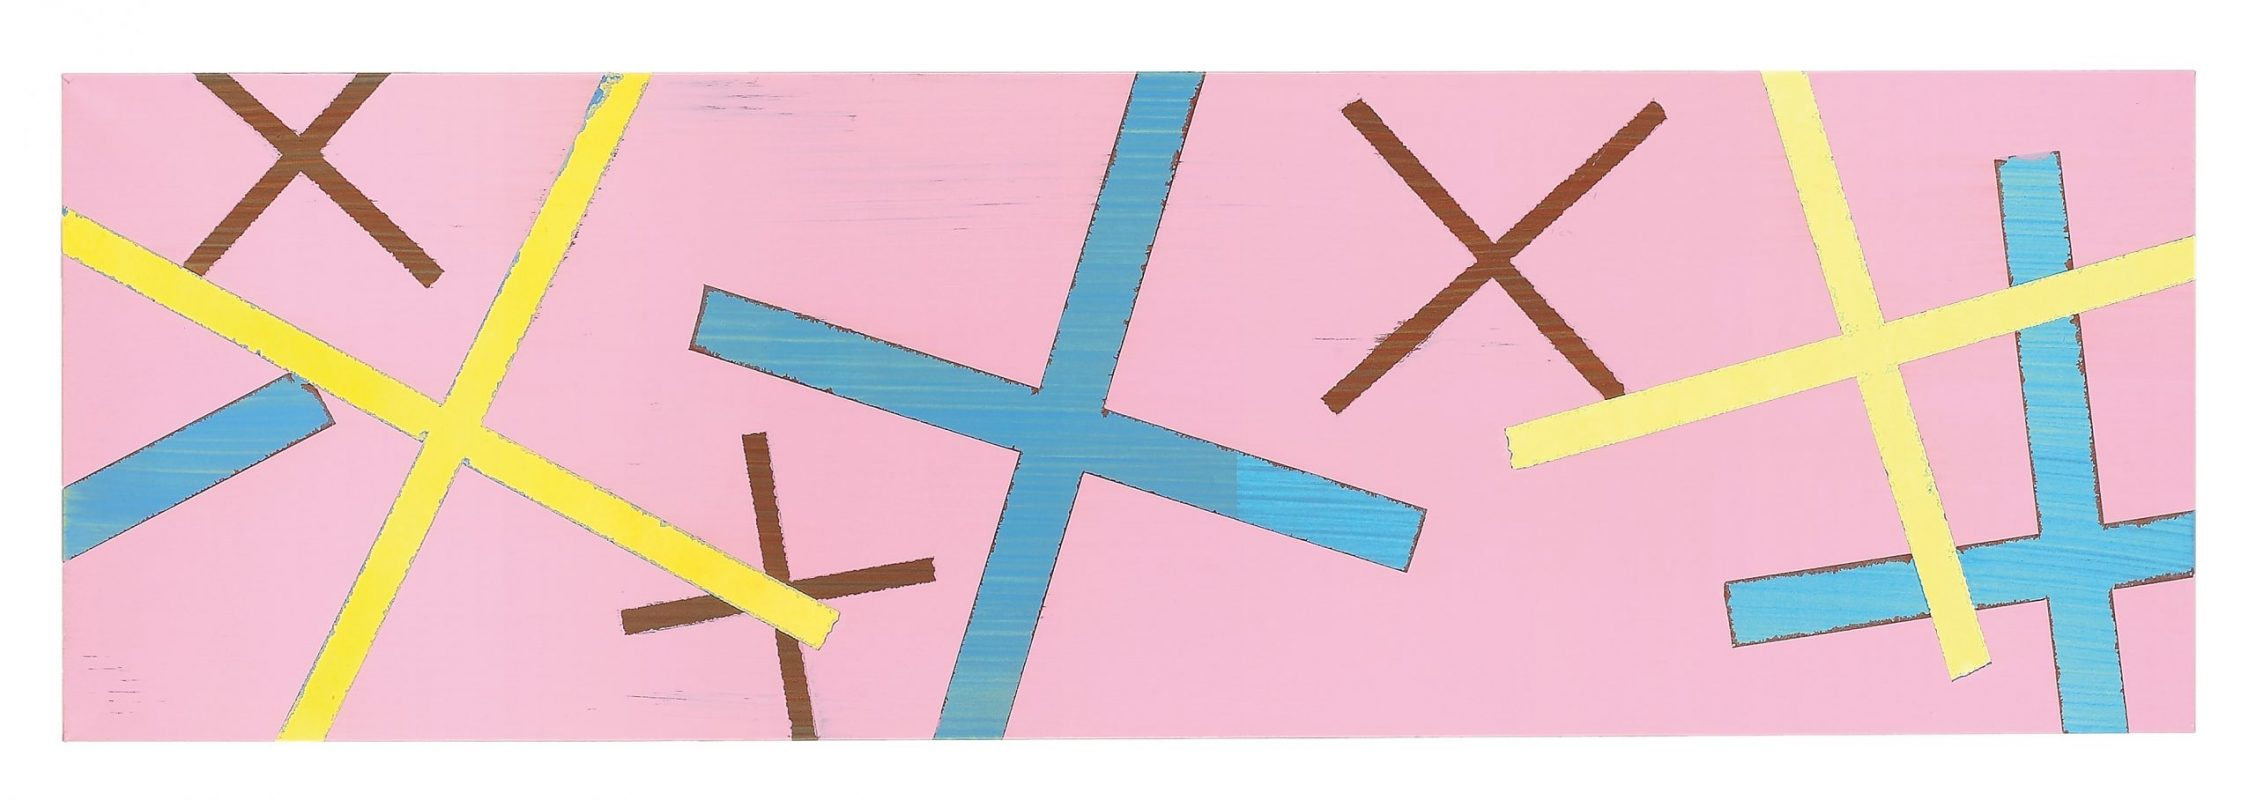 75 x 240 cm, Acryl, Öl auf Leinwand, 2007